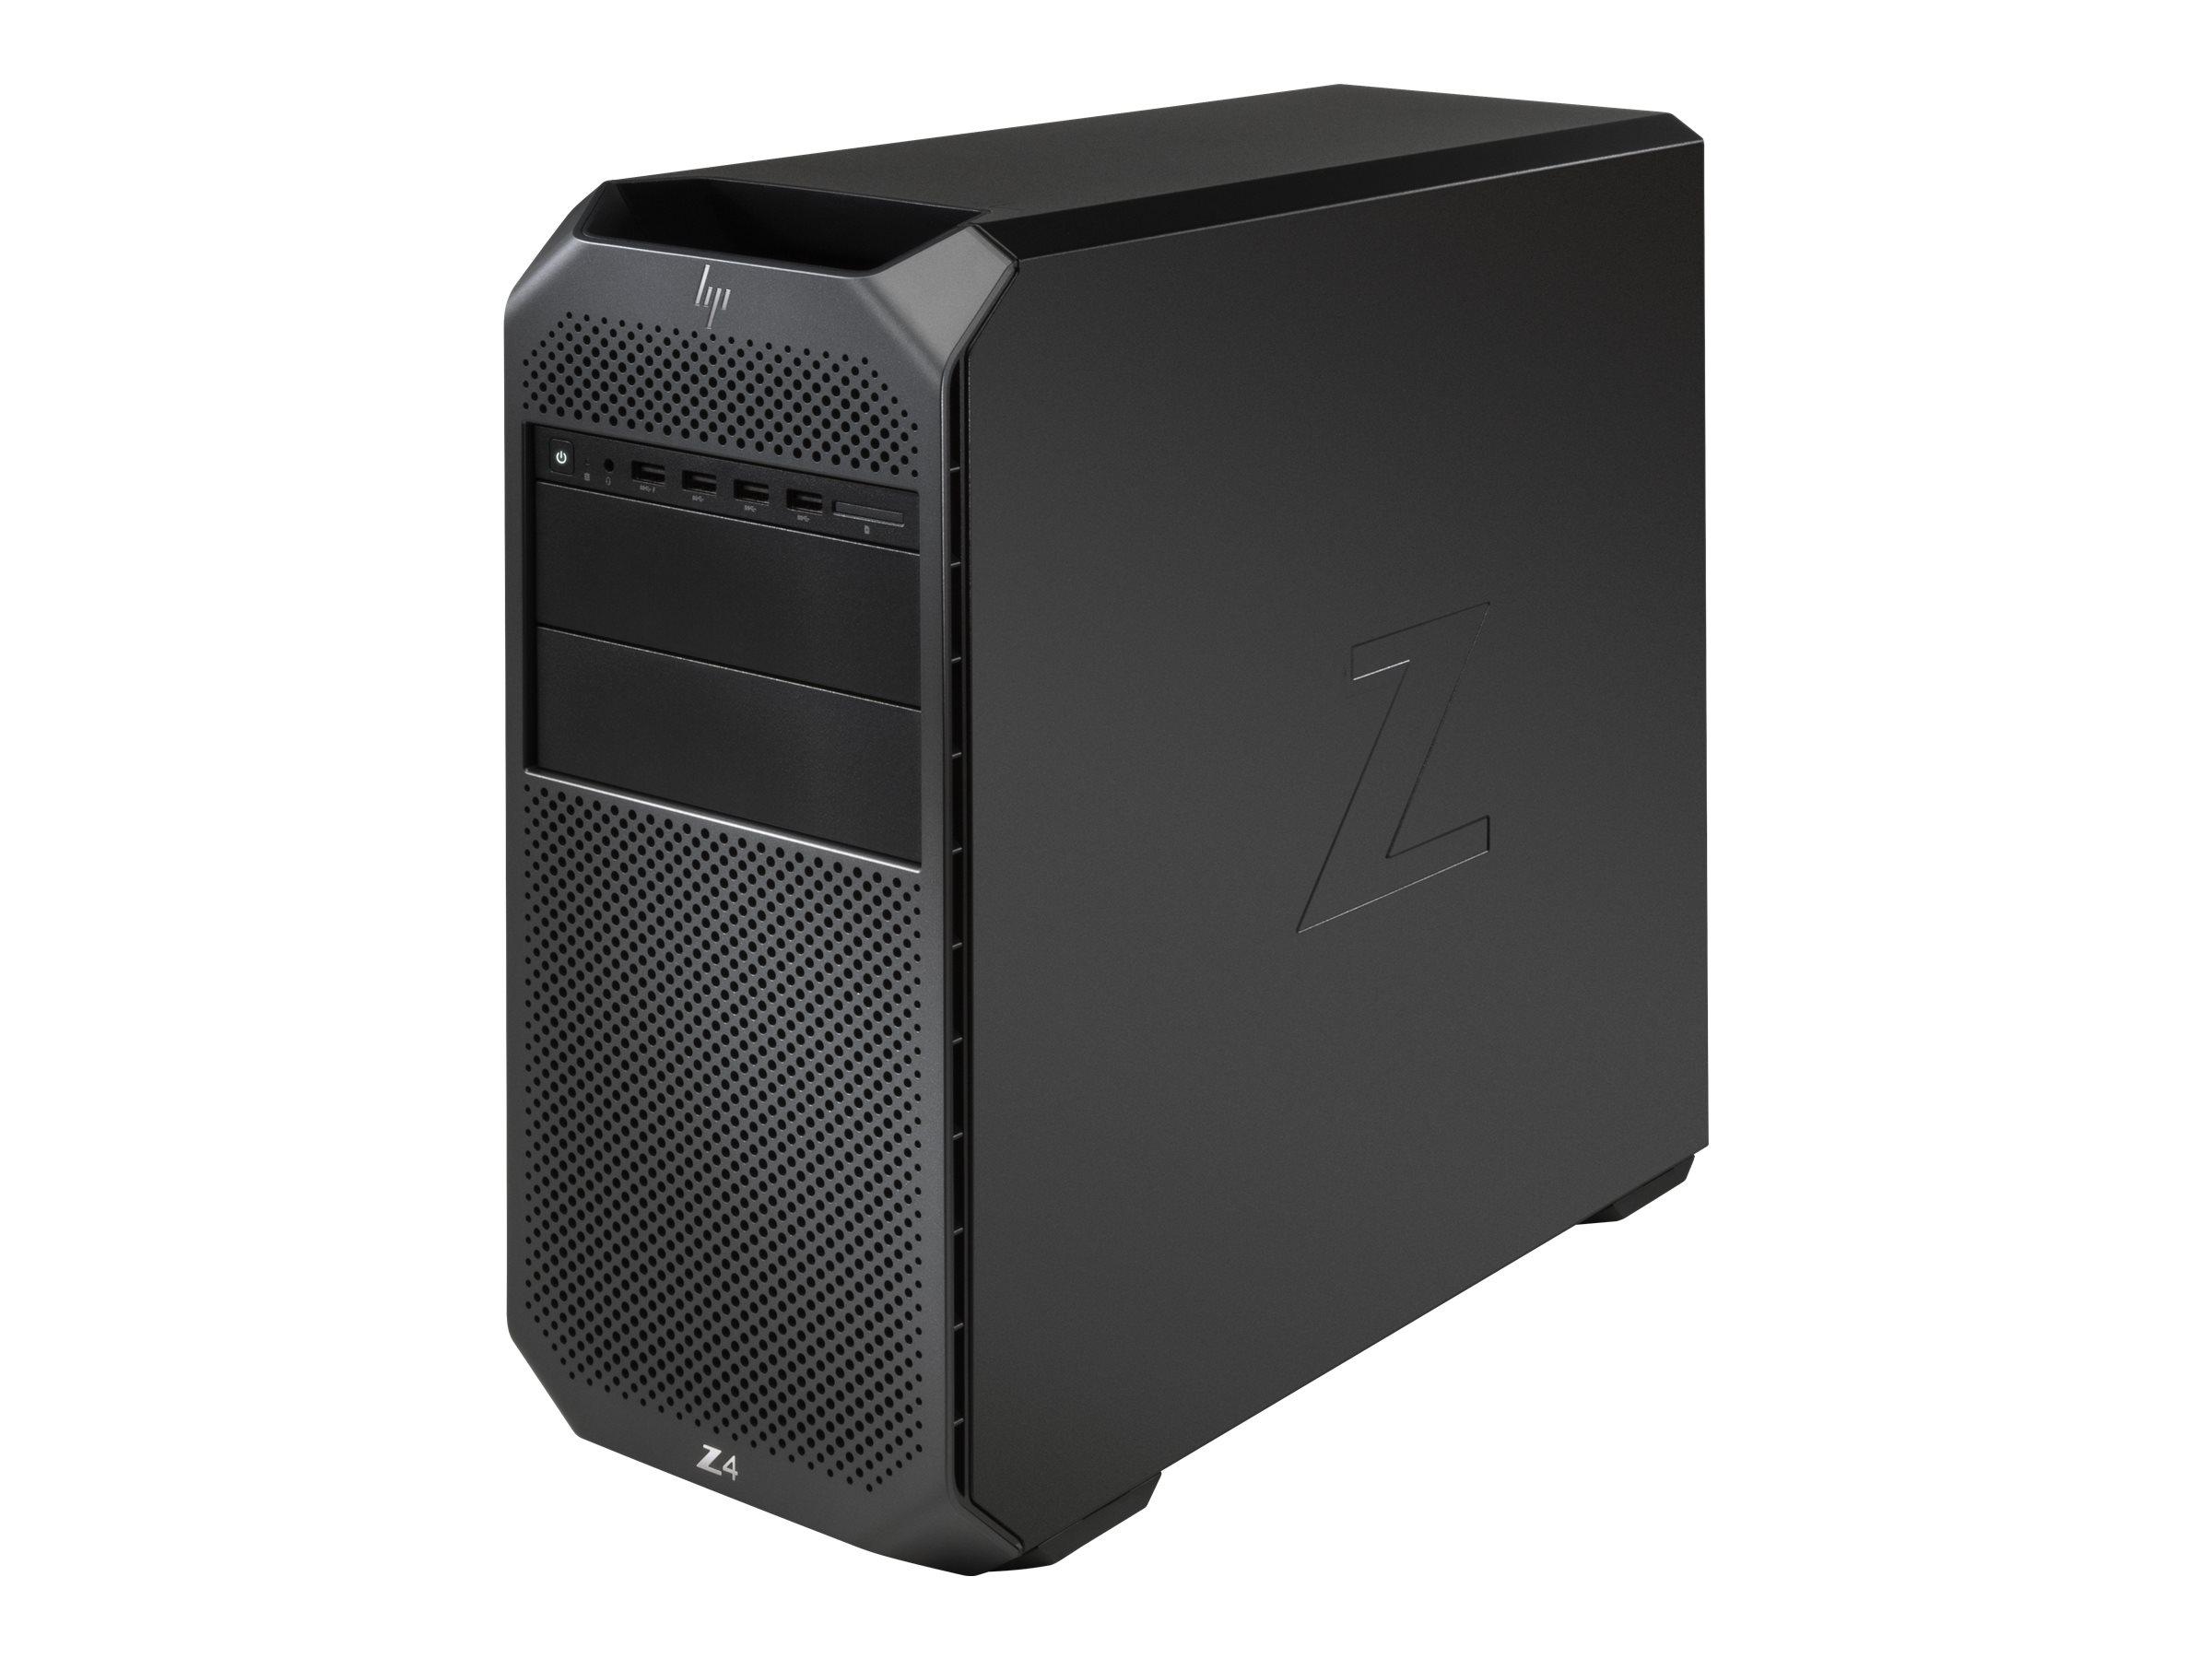 HP Workstation Z4 G4 - MT - 4U - 1 x Core i9 10940X X-series / 3.3 GHz